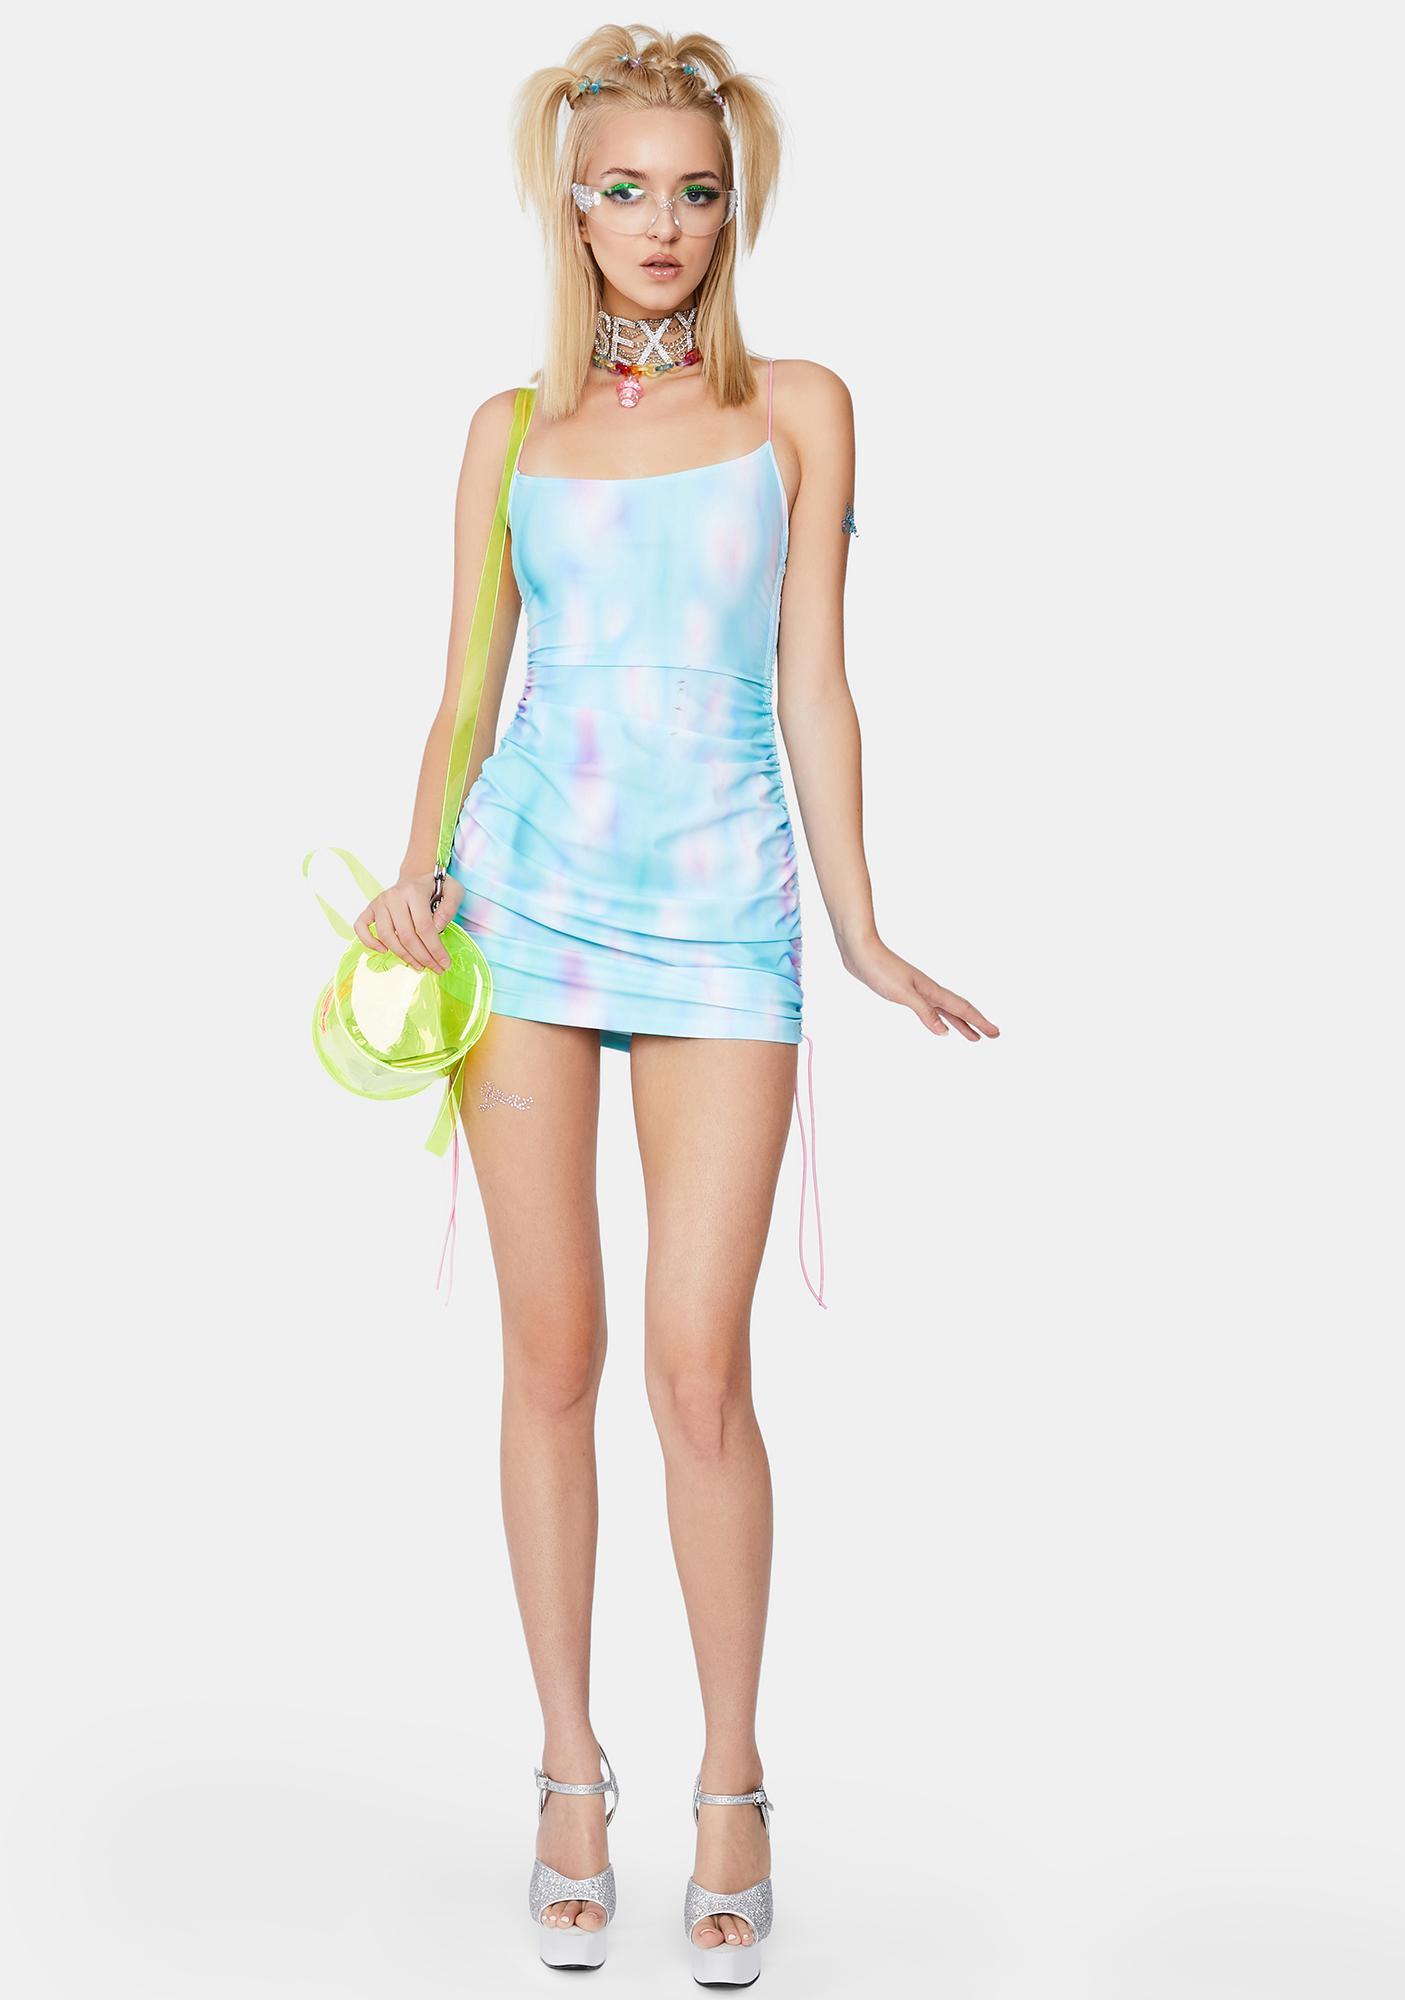 Ivy Berlin Kiki Mini Dress